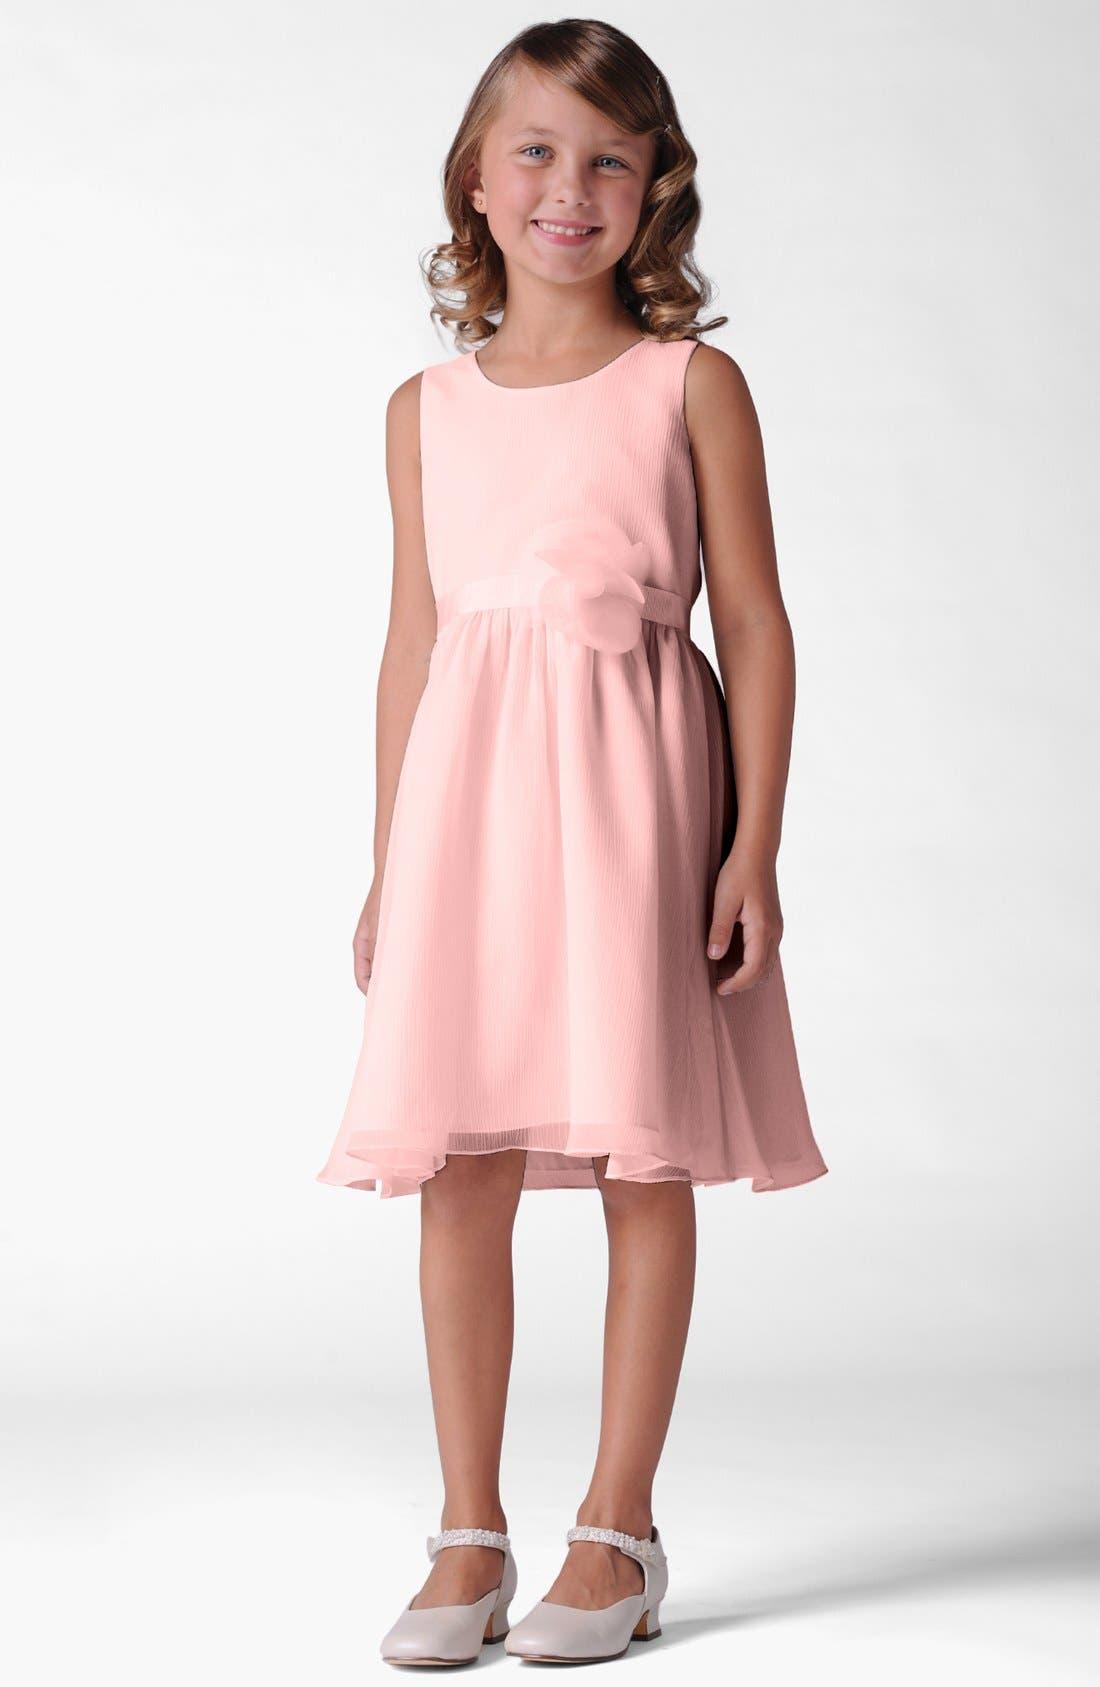 Main Image - Us Angels Sleeveless Chiffon Dress (Little Girls & Big Girls)